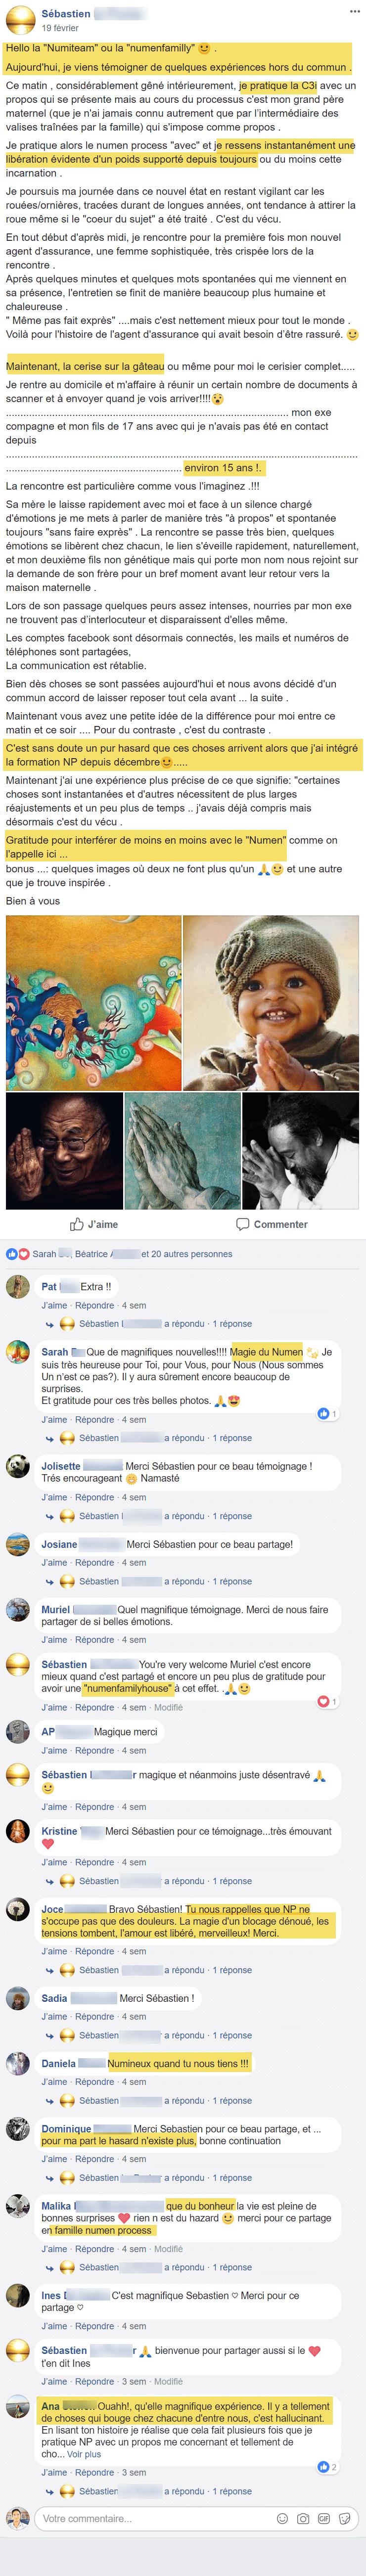 Témoignage Facebook sur la formation Numen Process